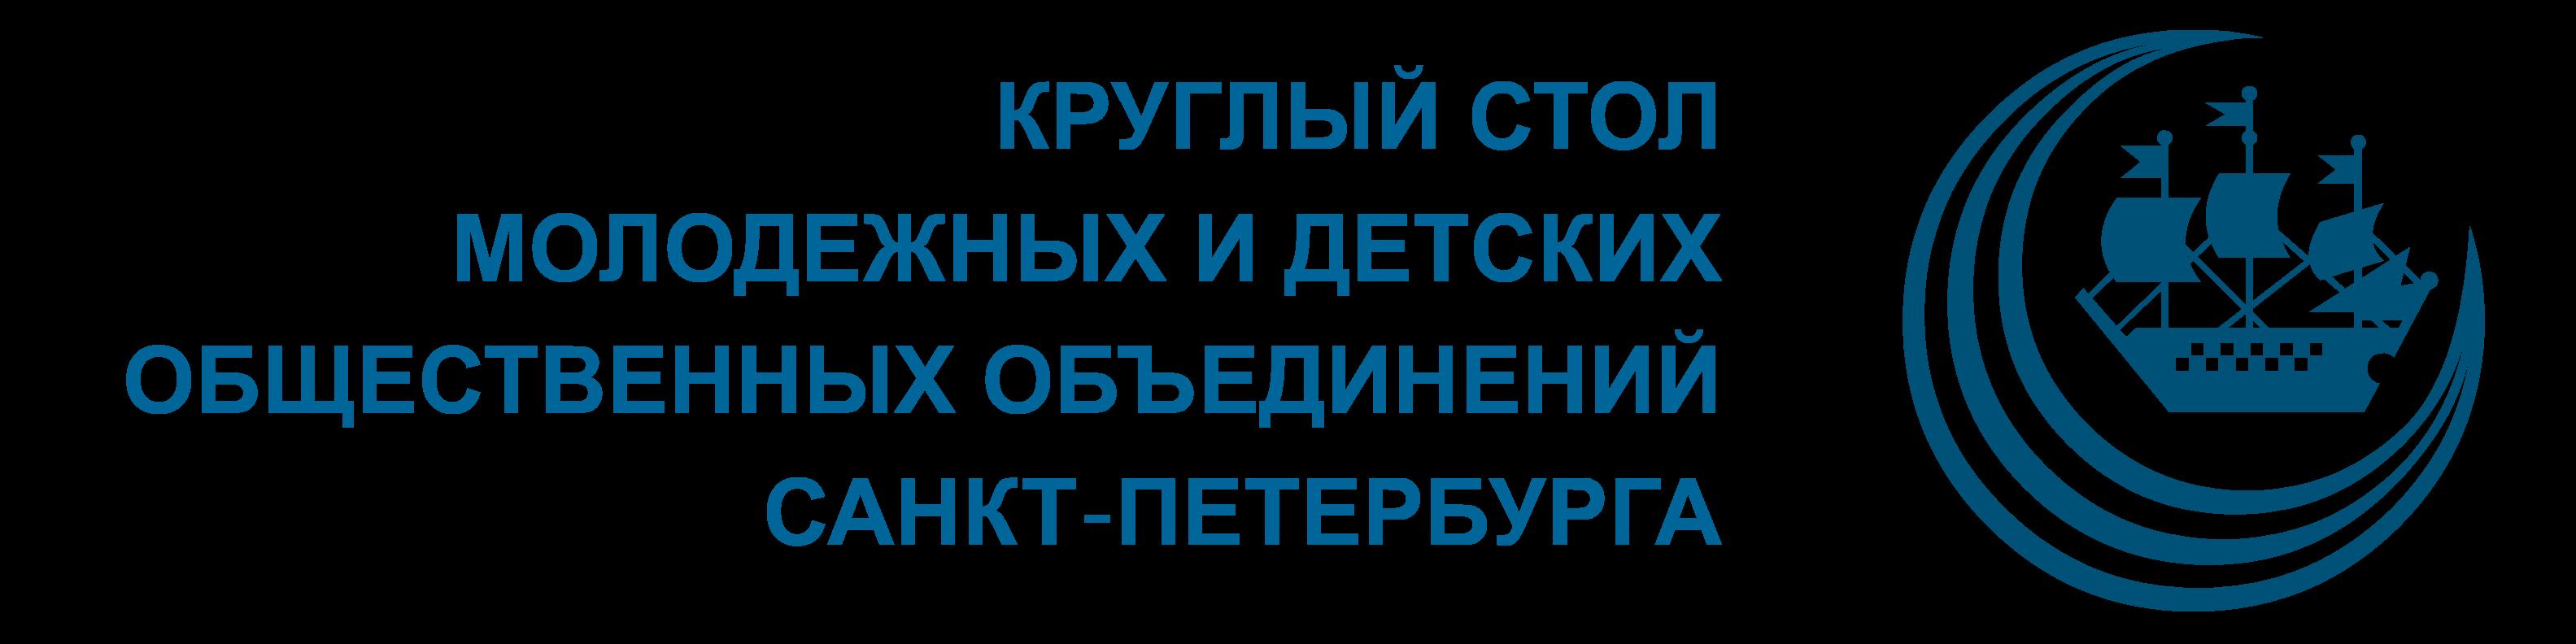 logo spbks